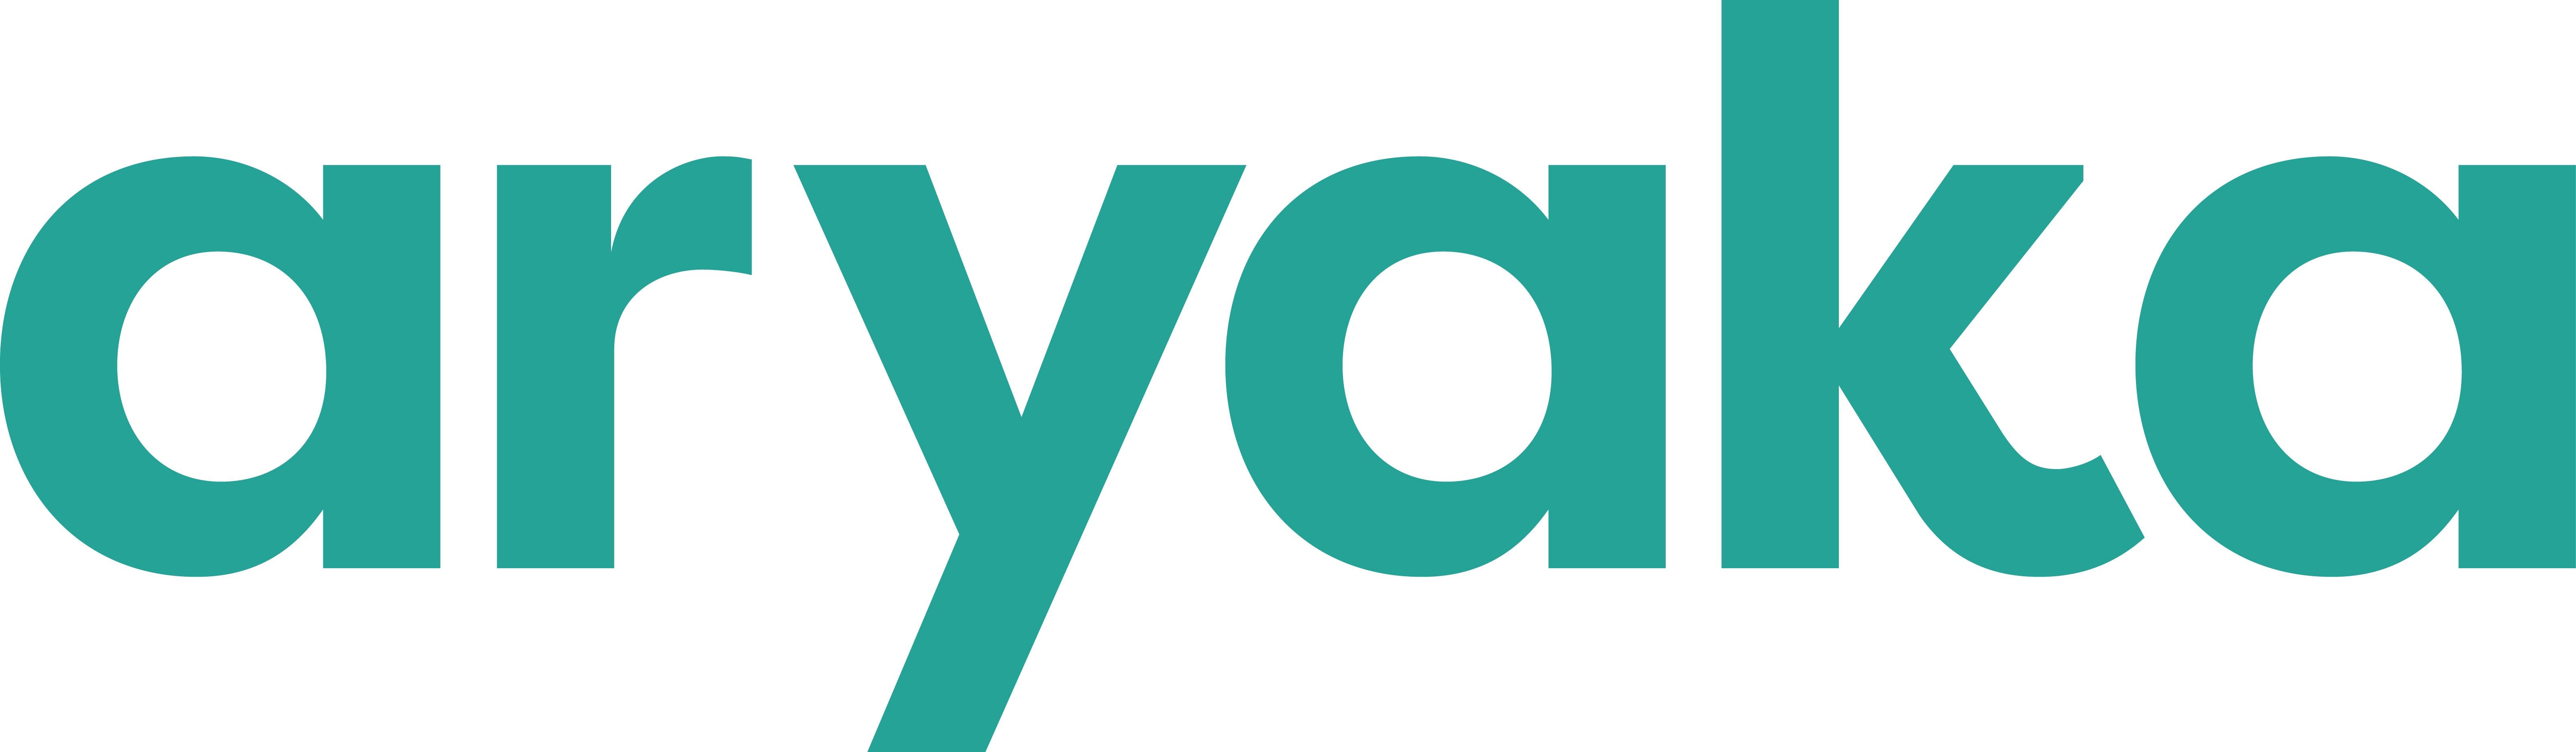 Aryaka-Logo_Teal.jpg